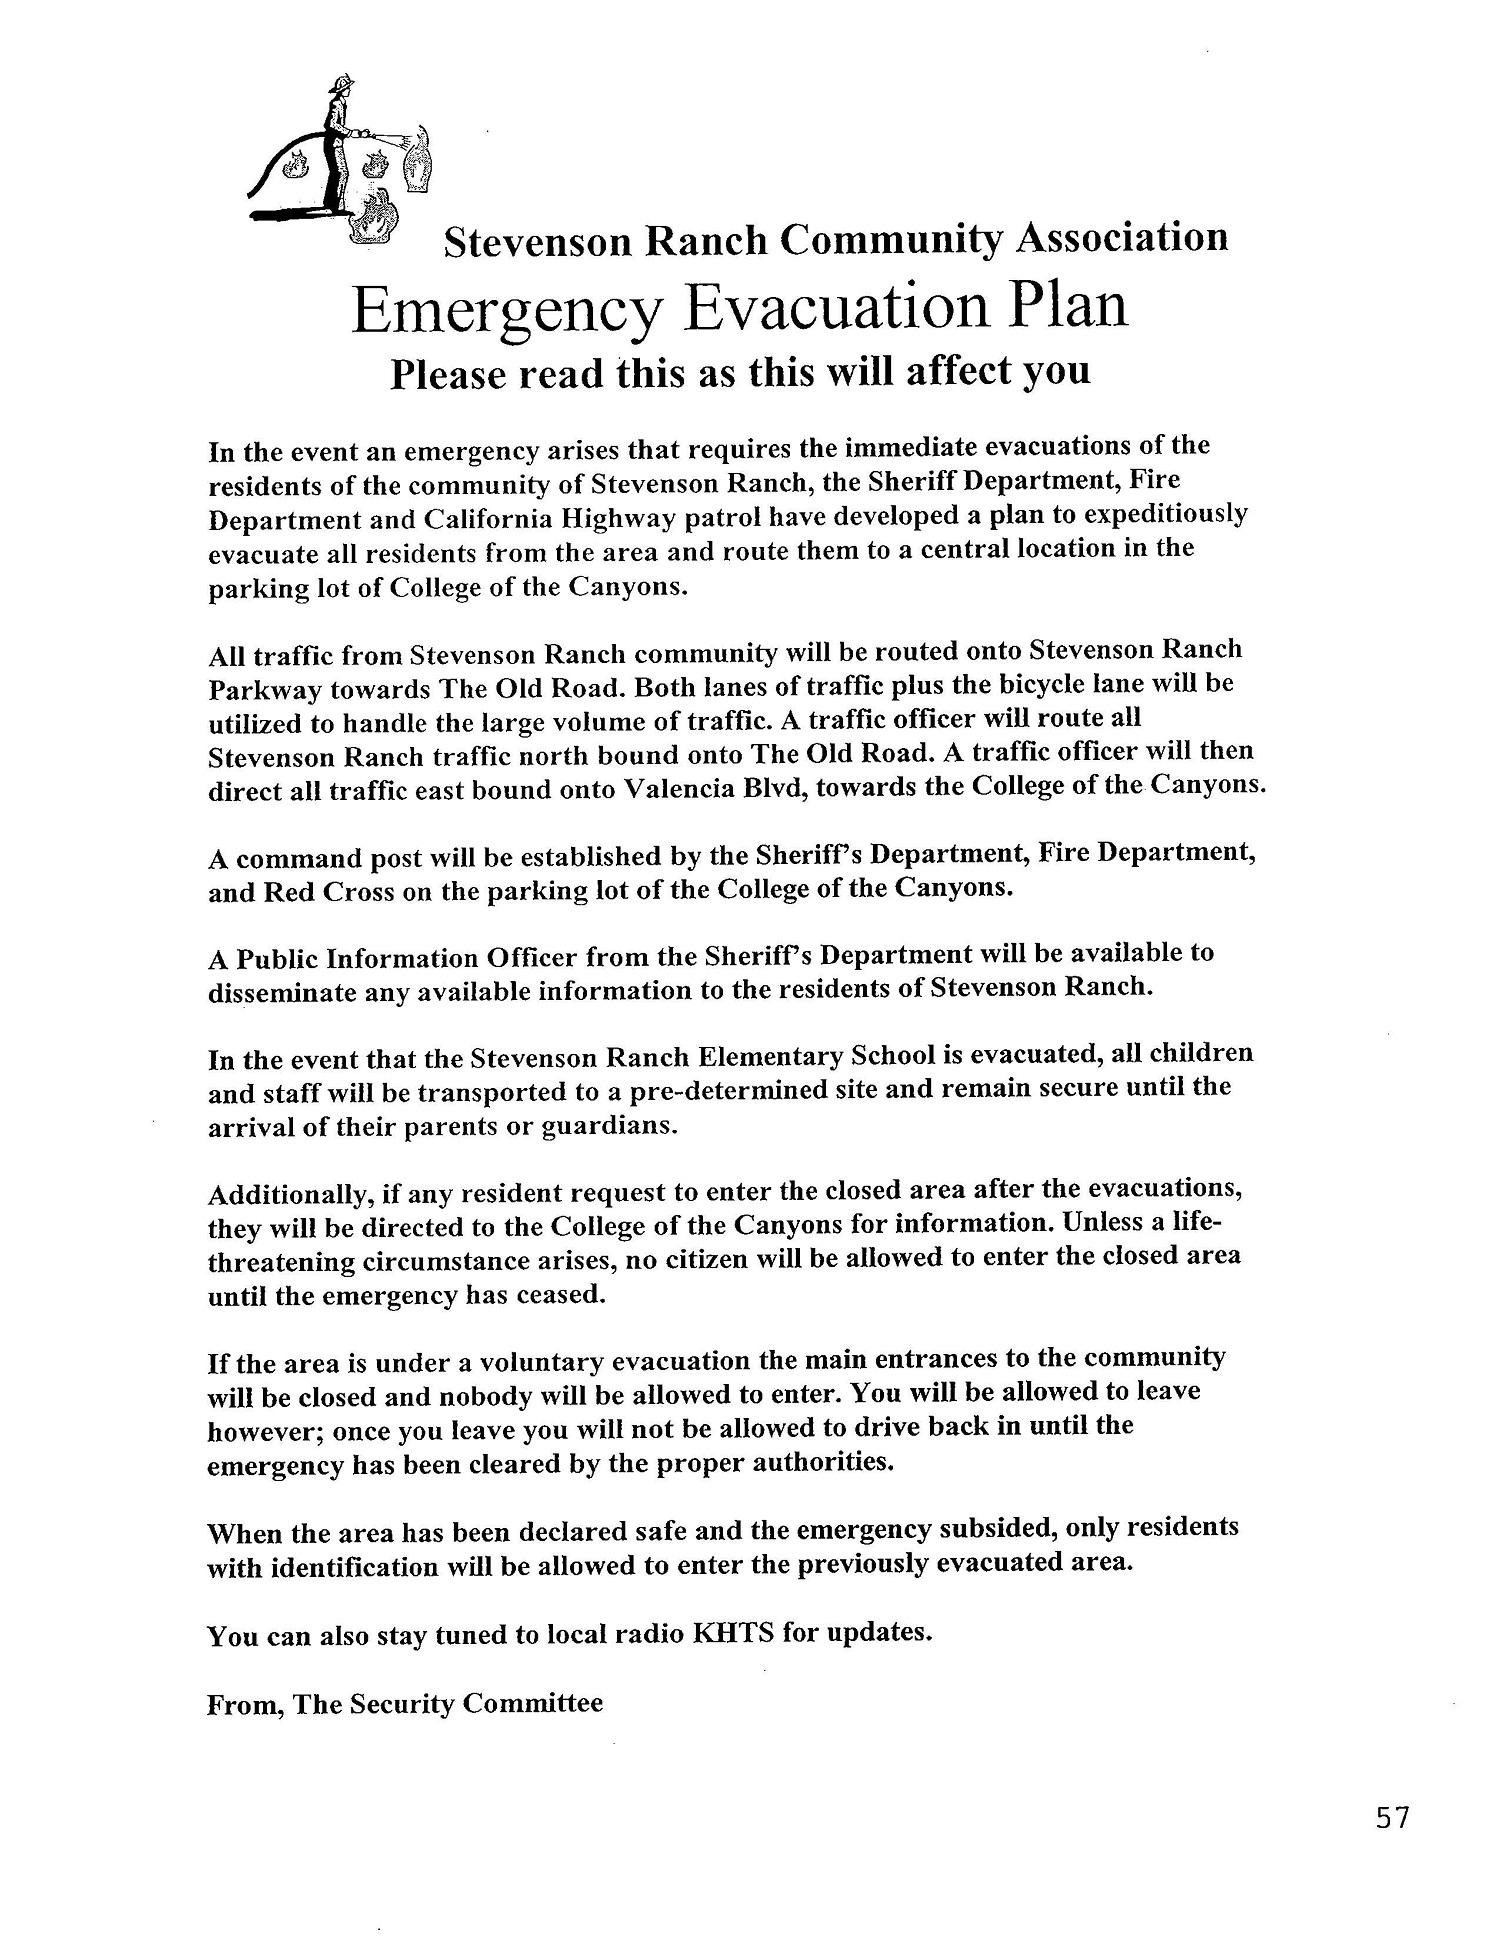 sr-evacuation-plan